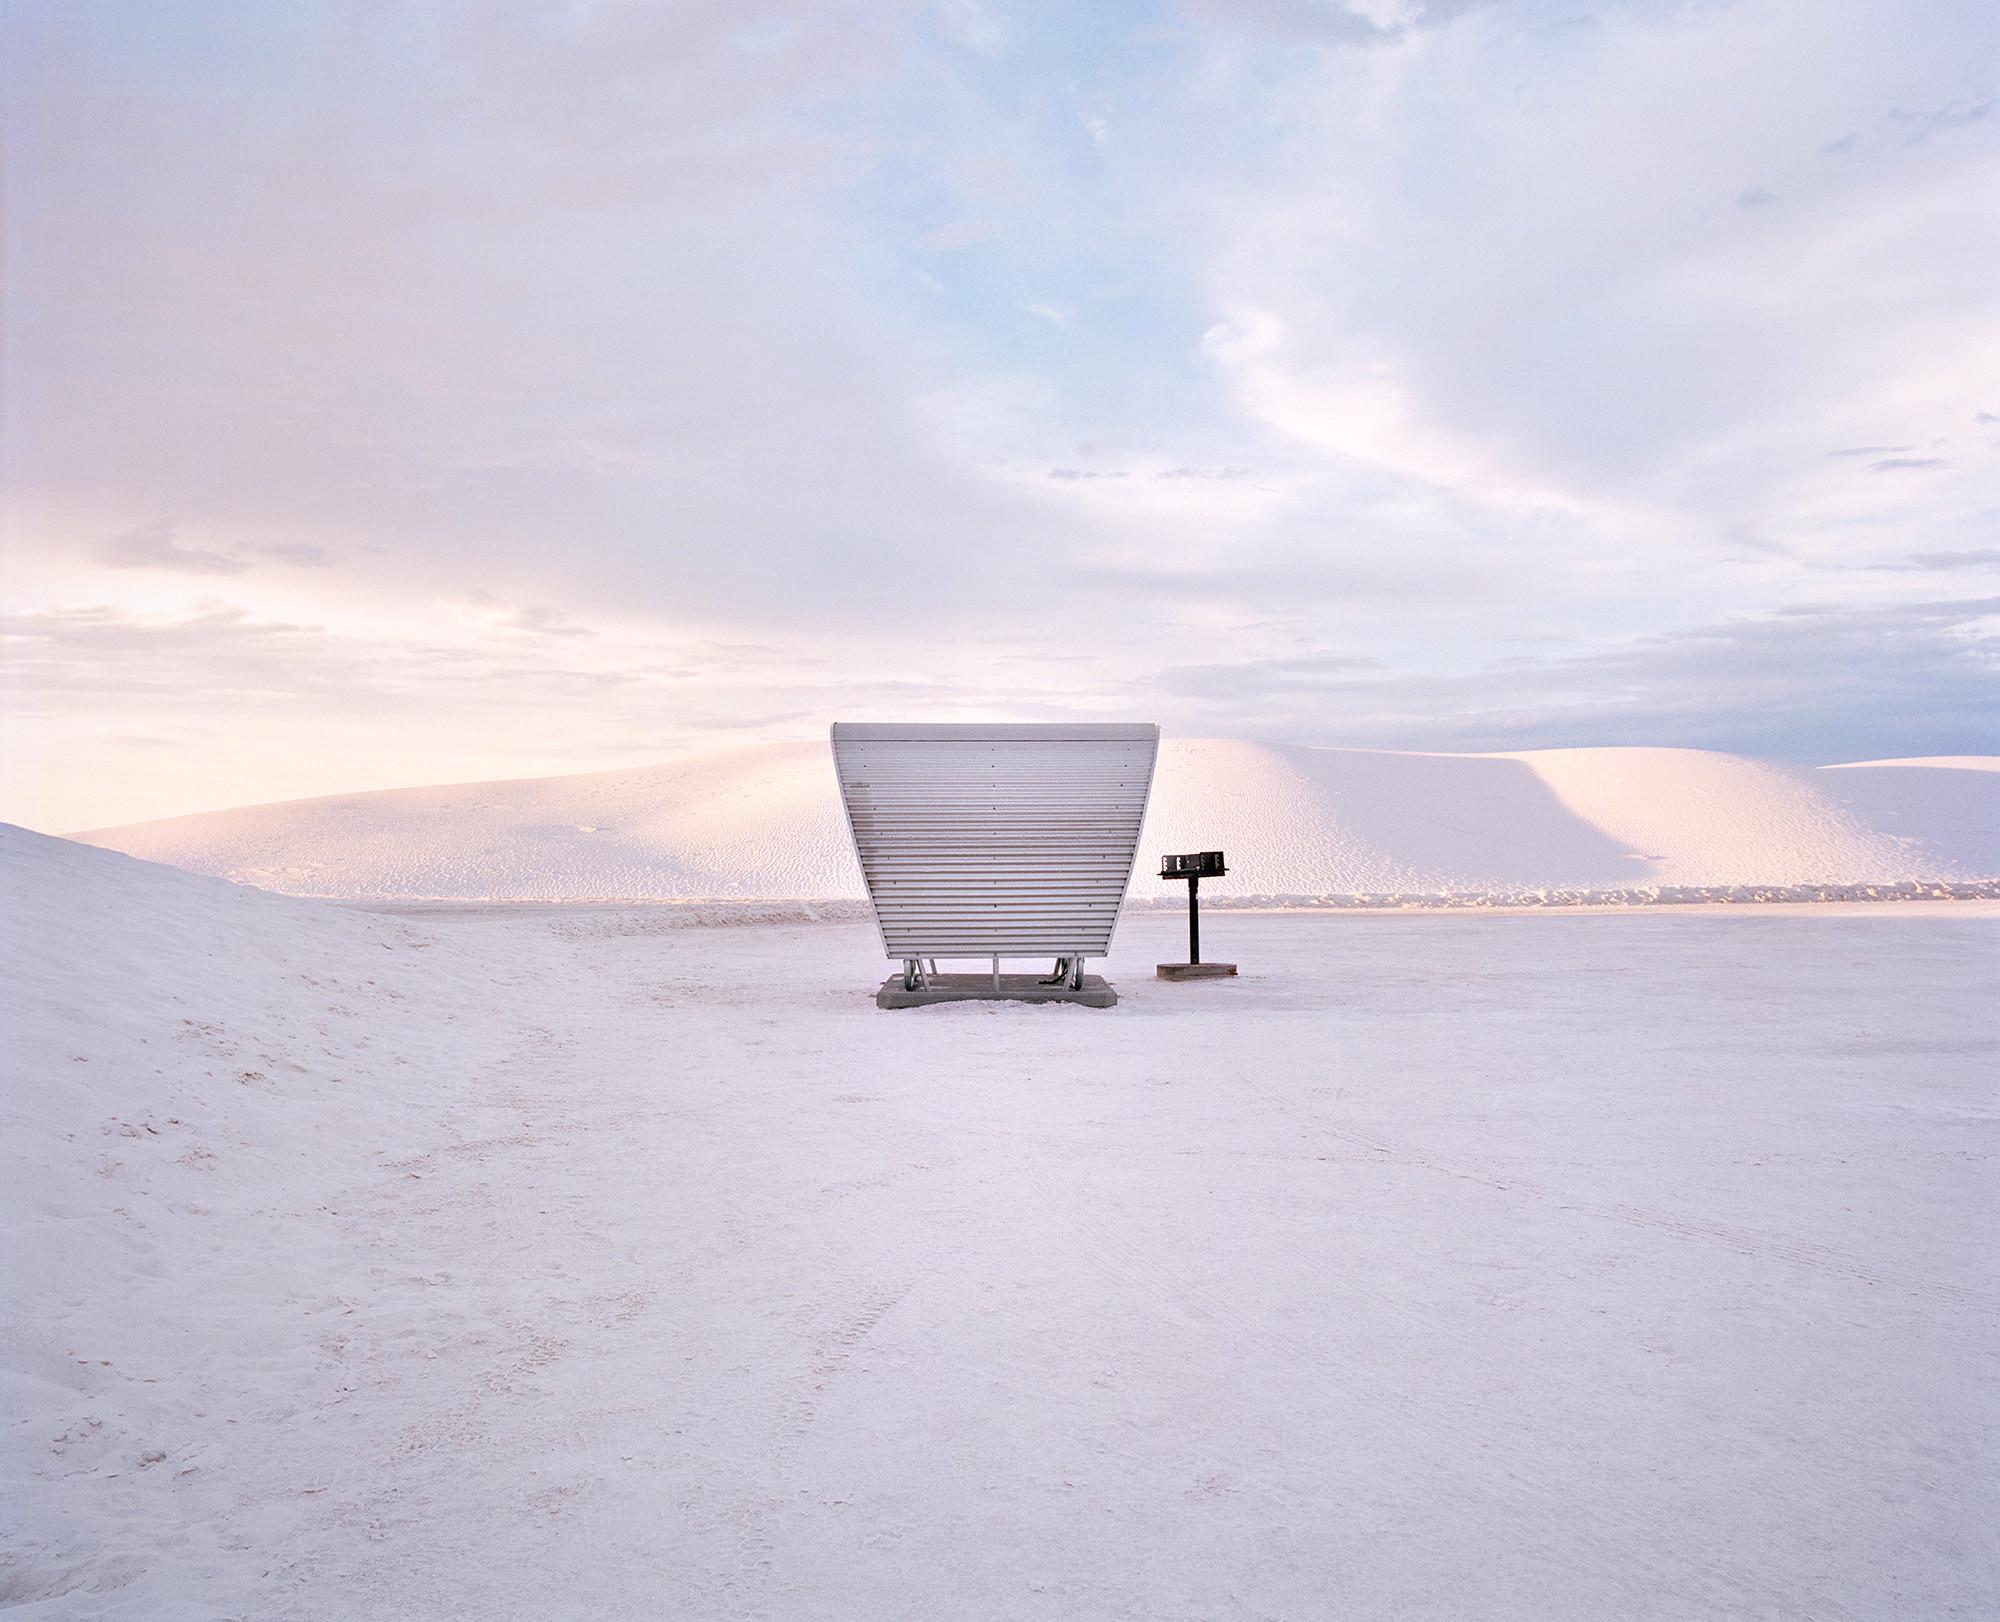 The Last Stop, documentando las áreas de descanso que desaparecen en América del Norte, Monumento Nacional de White Sands, Nueva Mexico. Imagen © Ryann Ford